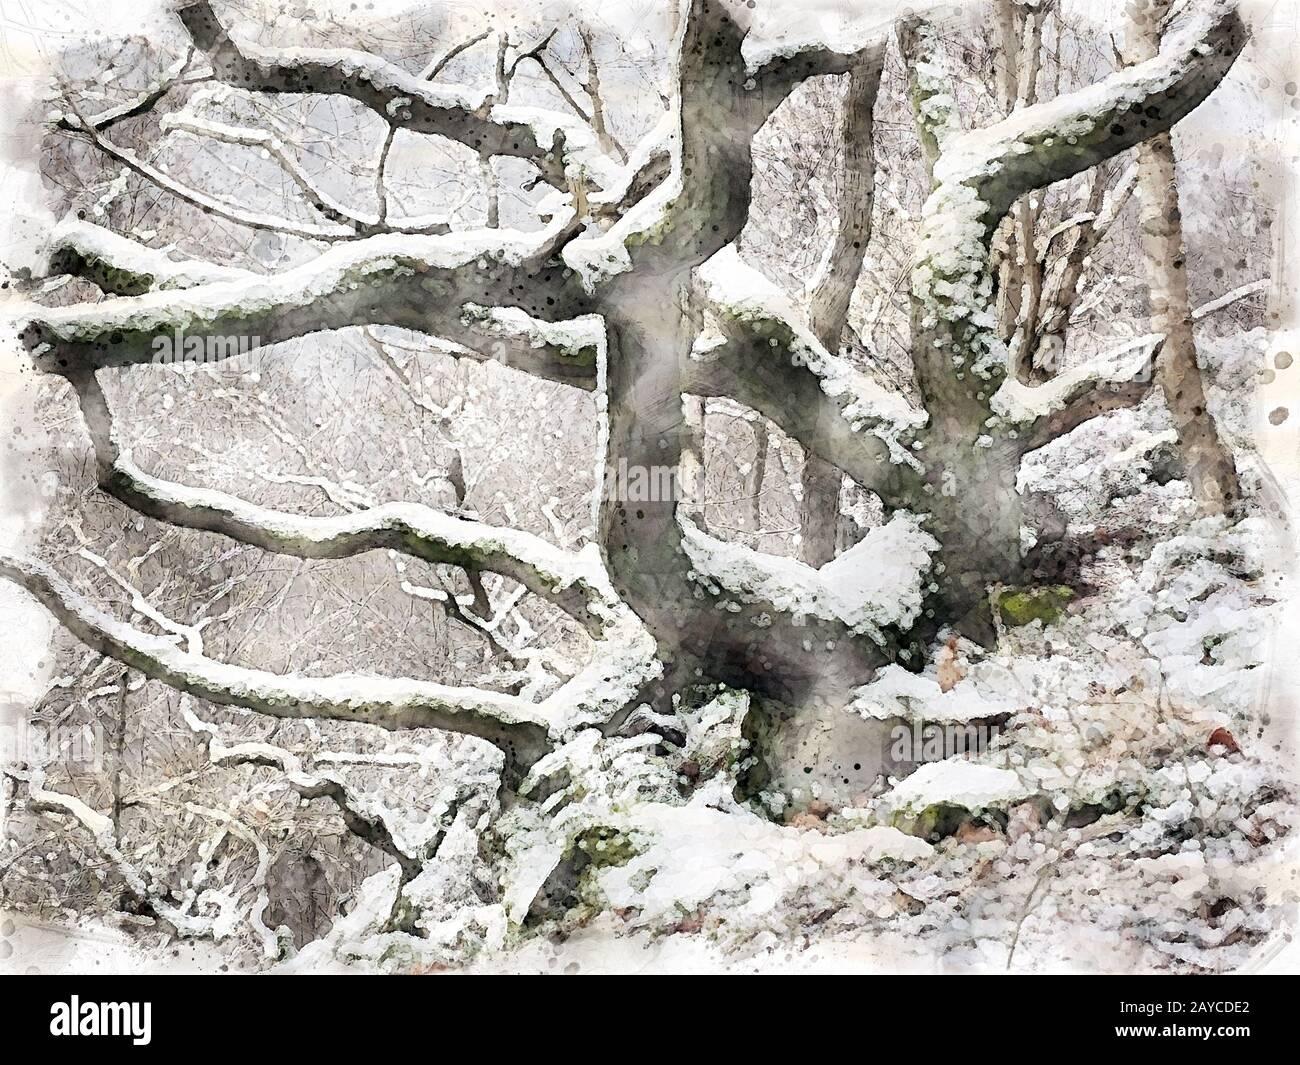 pittura acquerello di neve che copre alberi e rami torti invernali in una foresta collinare Foto Stock